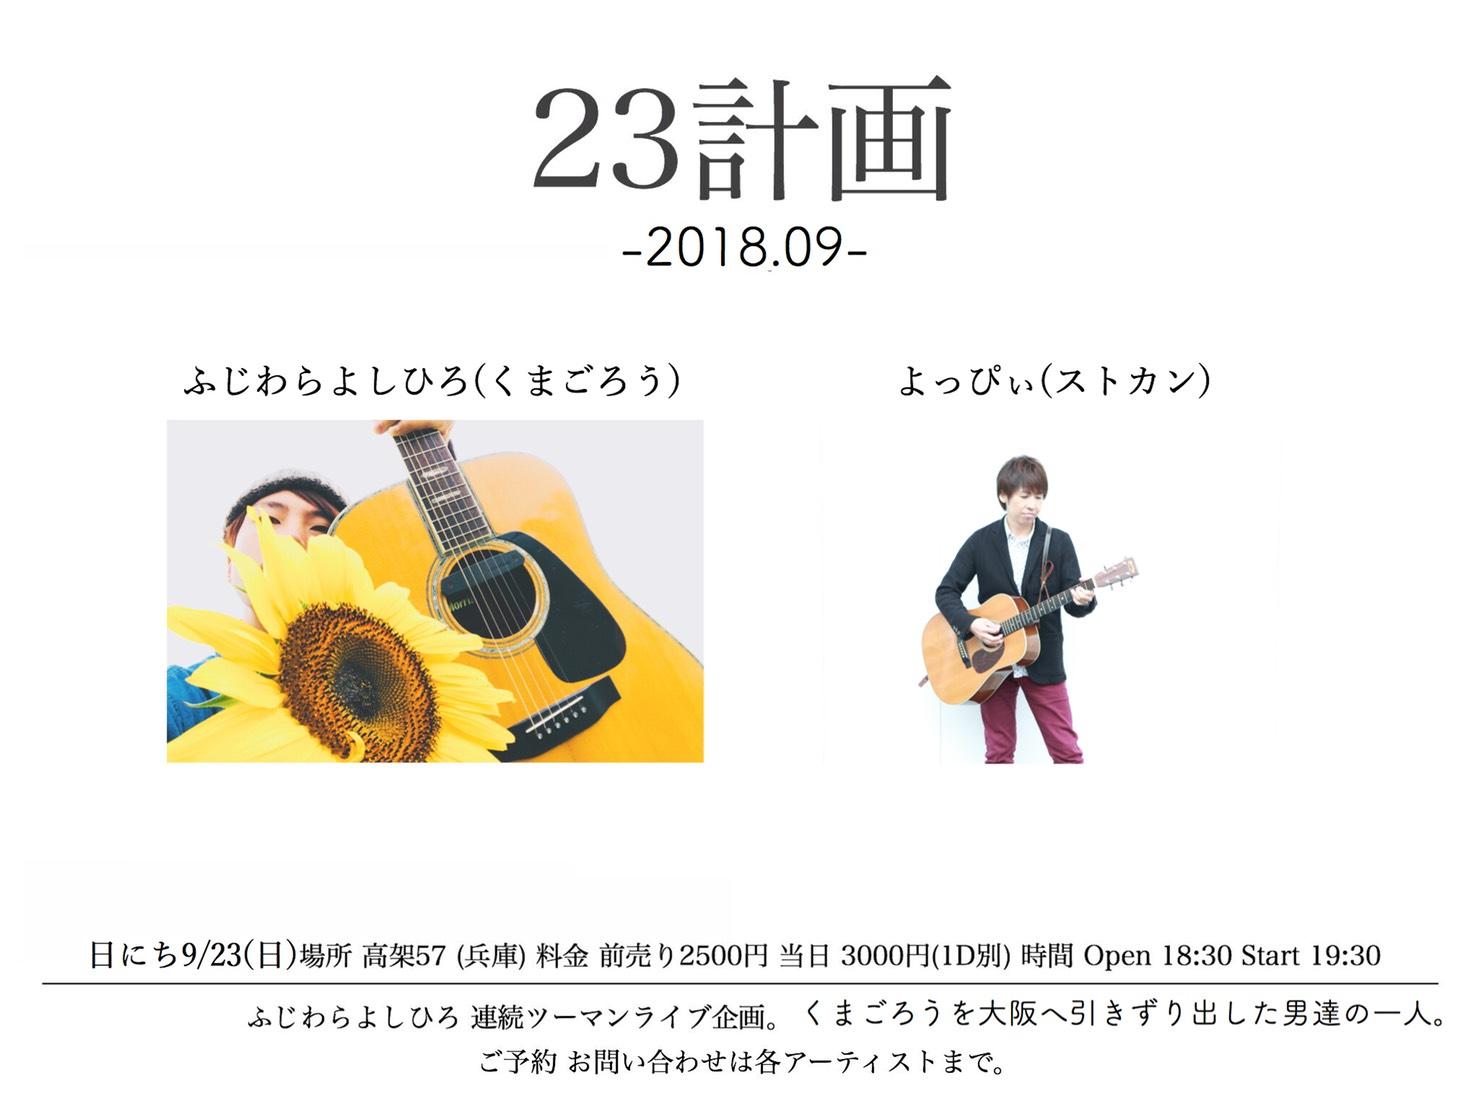 「23計画」よっぴぃ(ストカン)18時30分開場